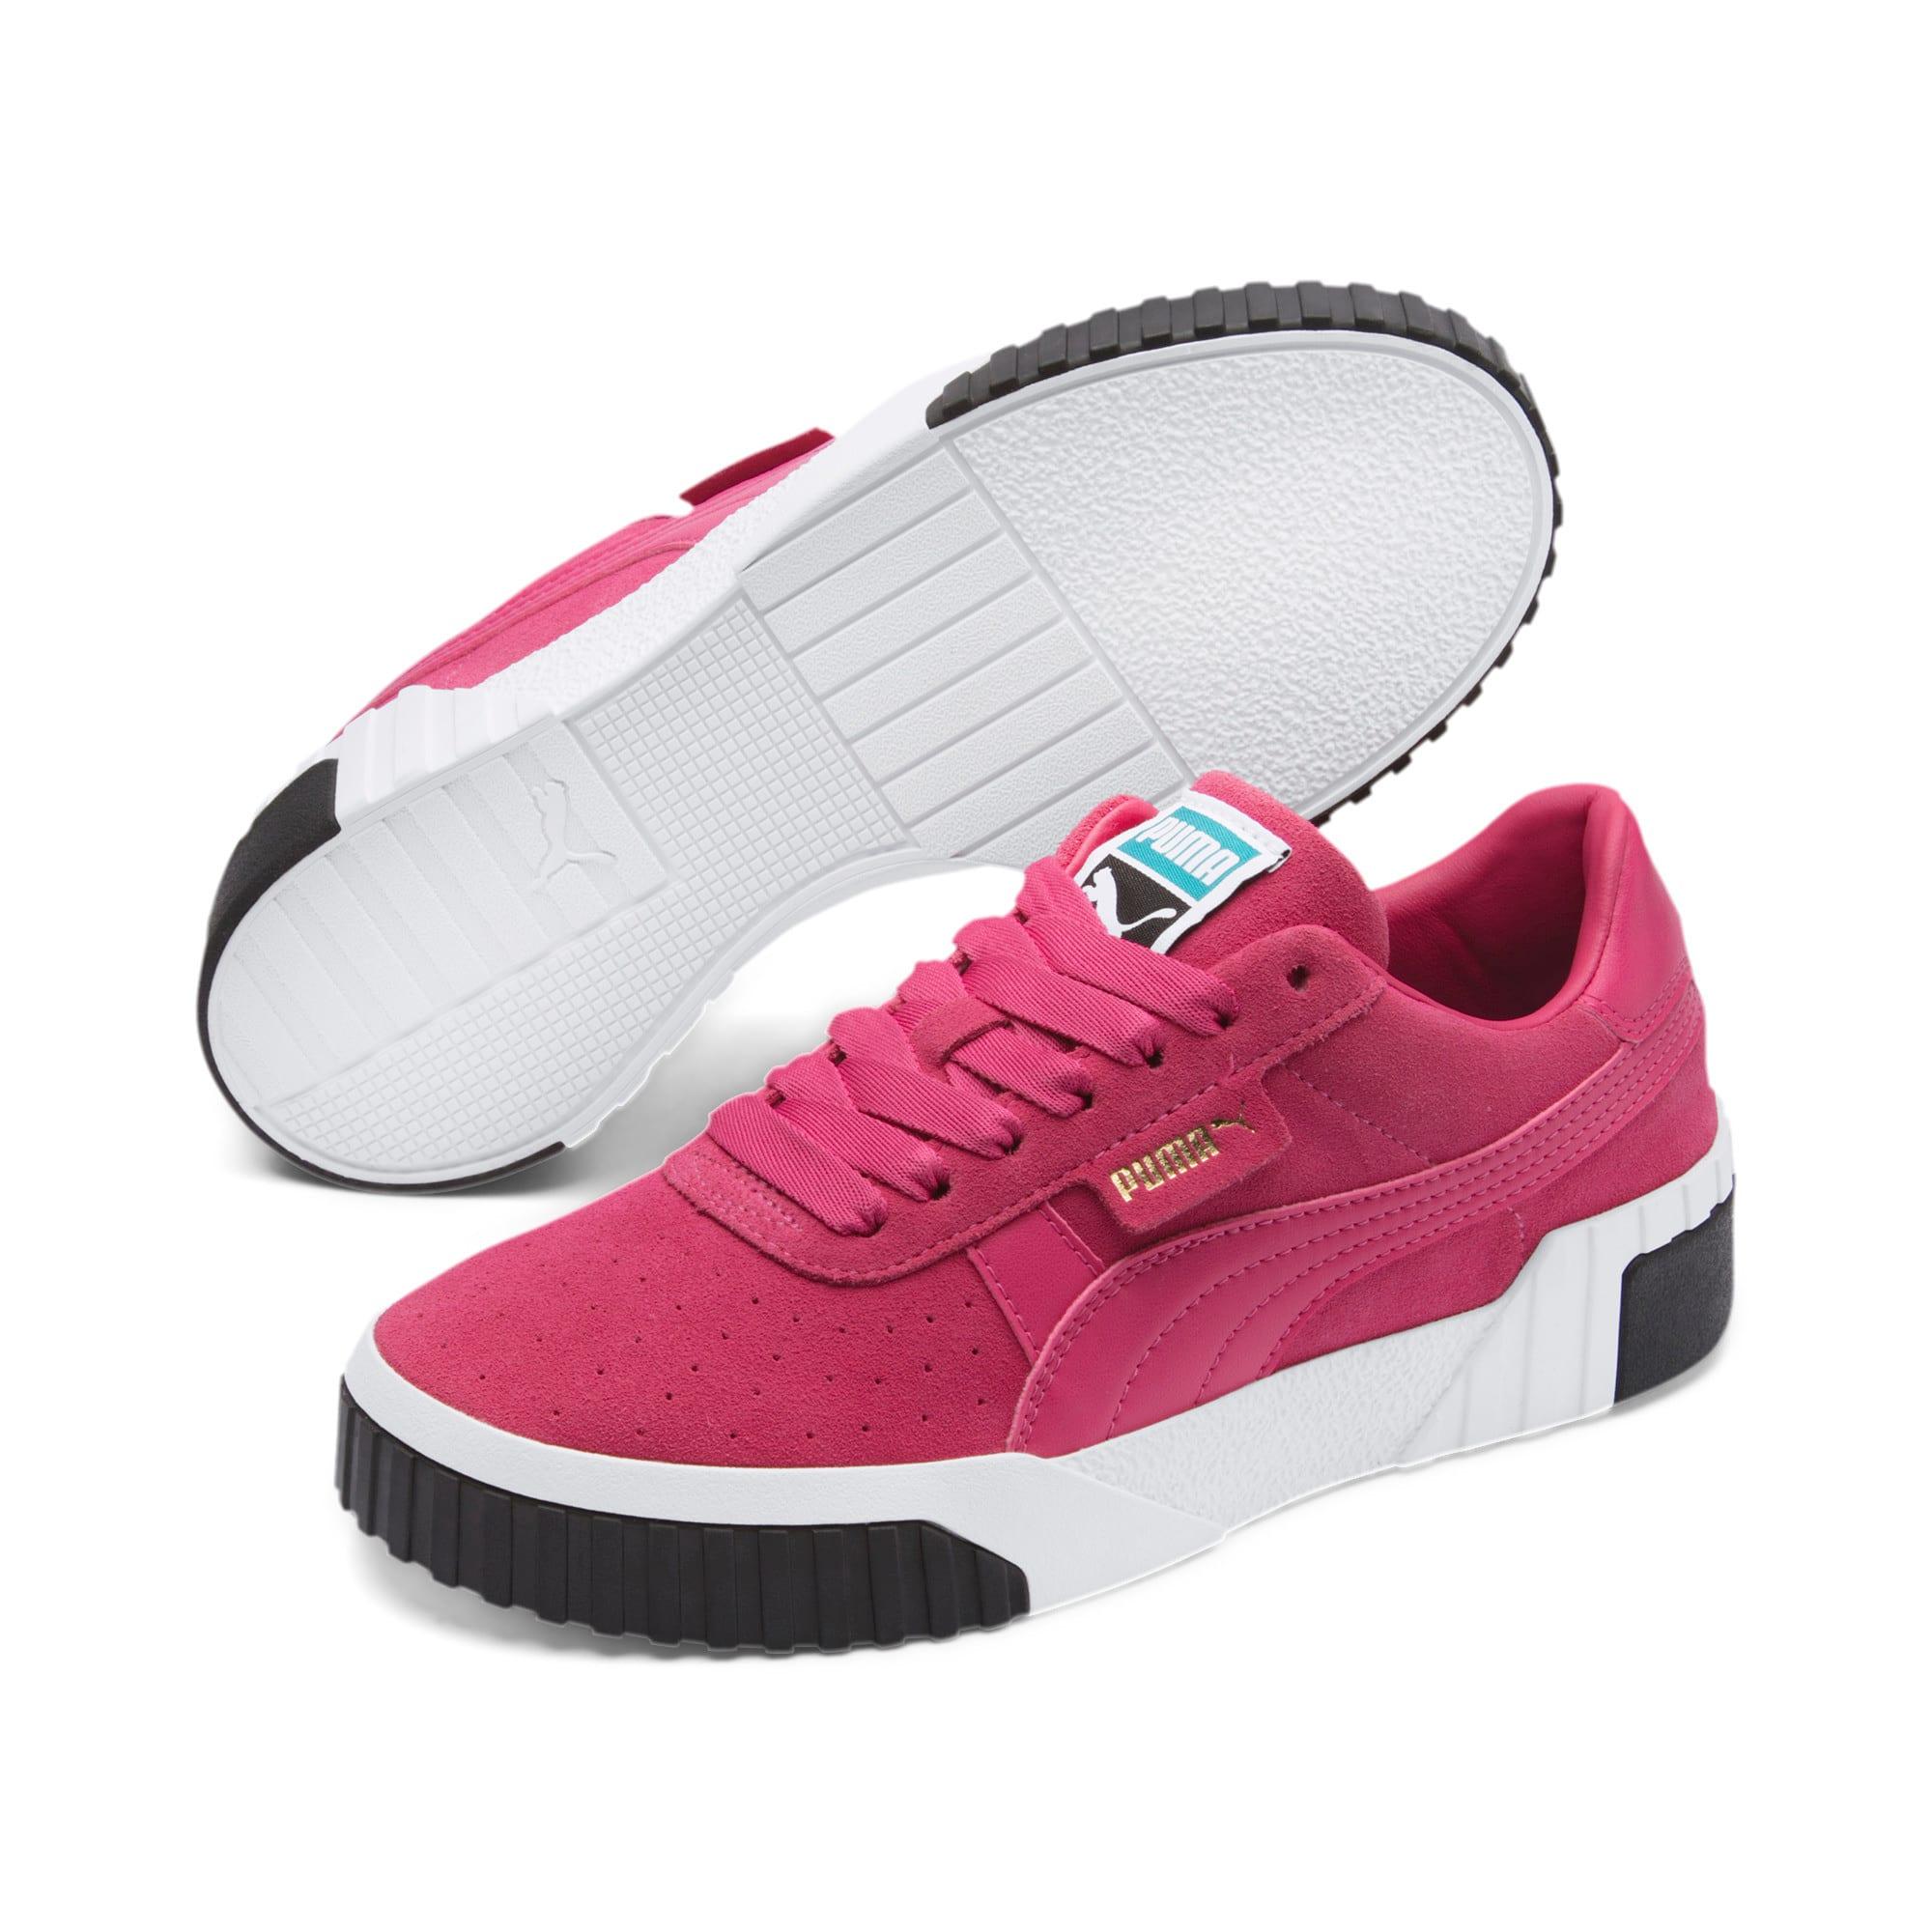 Miniatura 2 de Zapatos deportivos Cali Suede de mujer, Fuchsia Purple, mediano